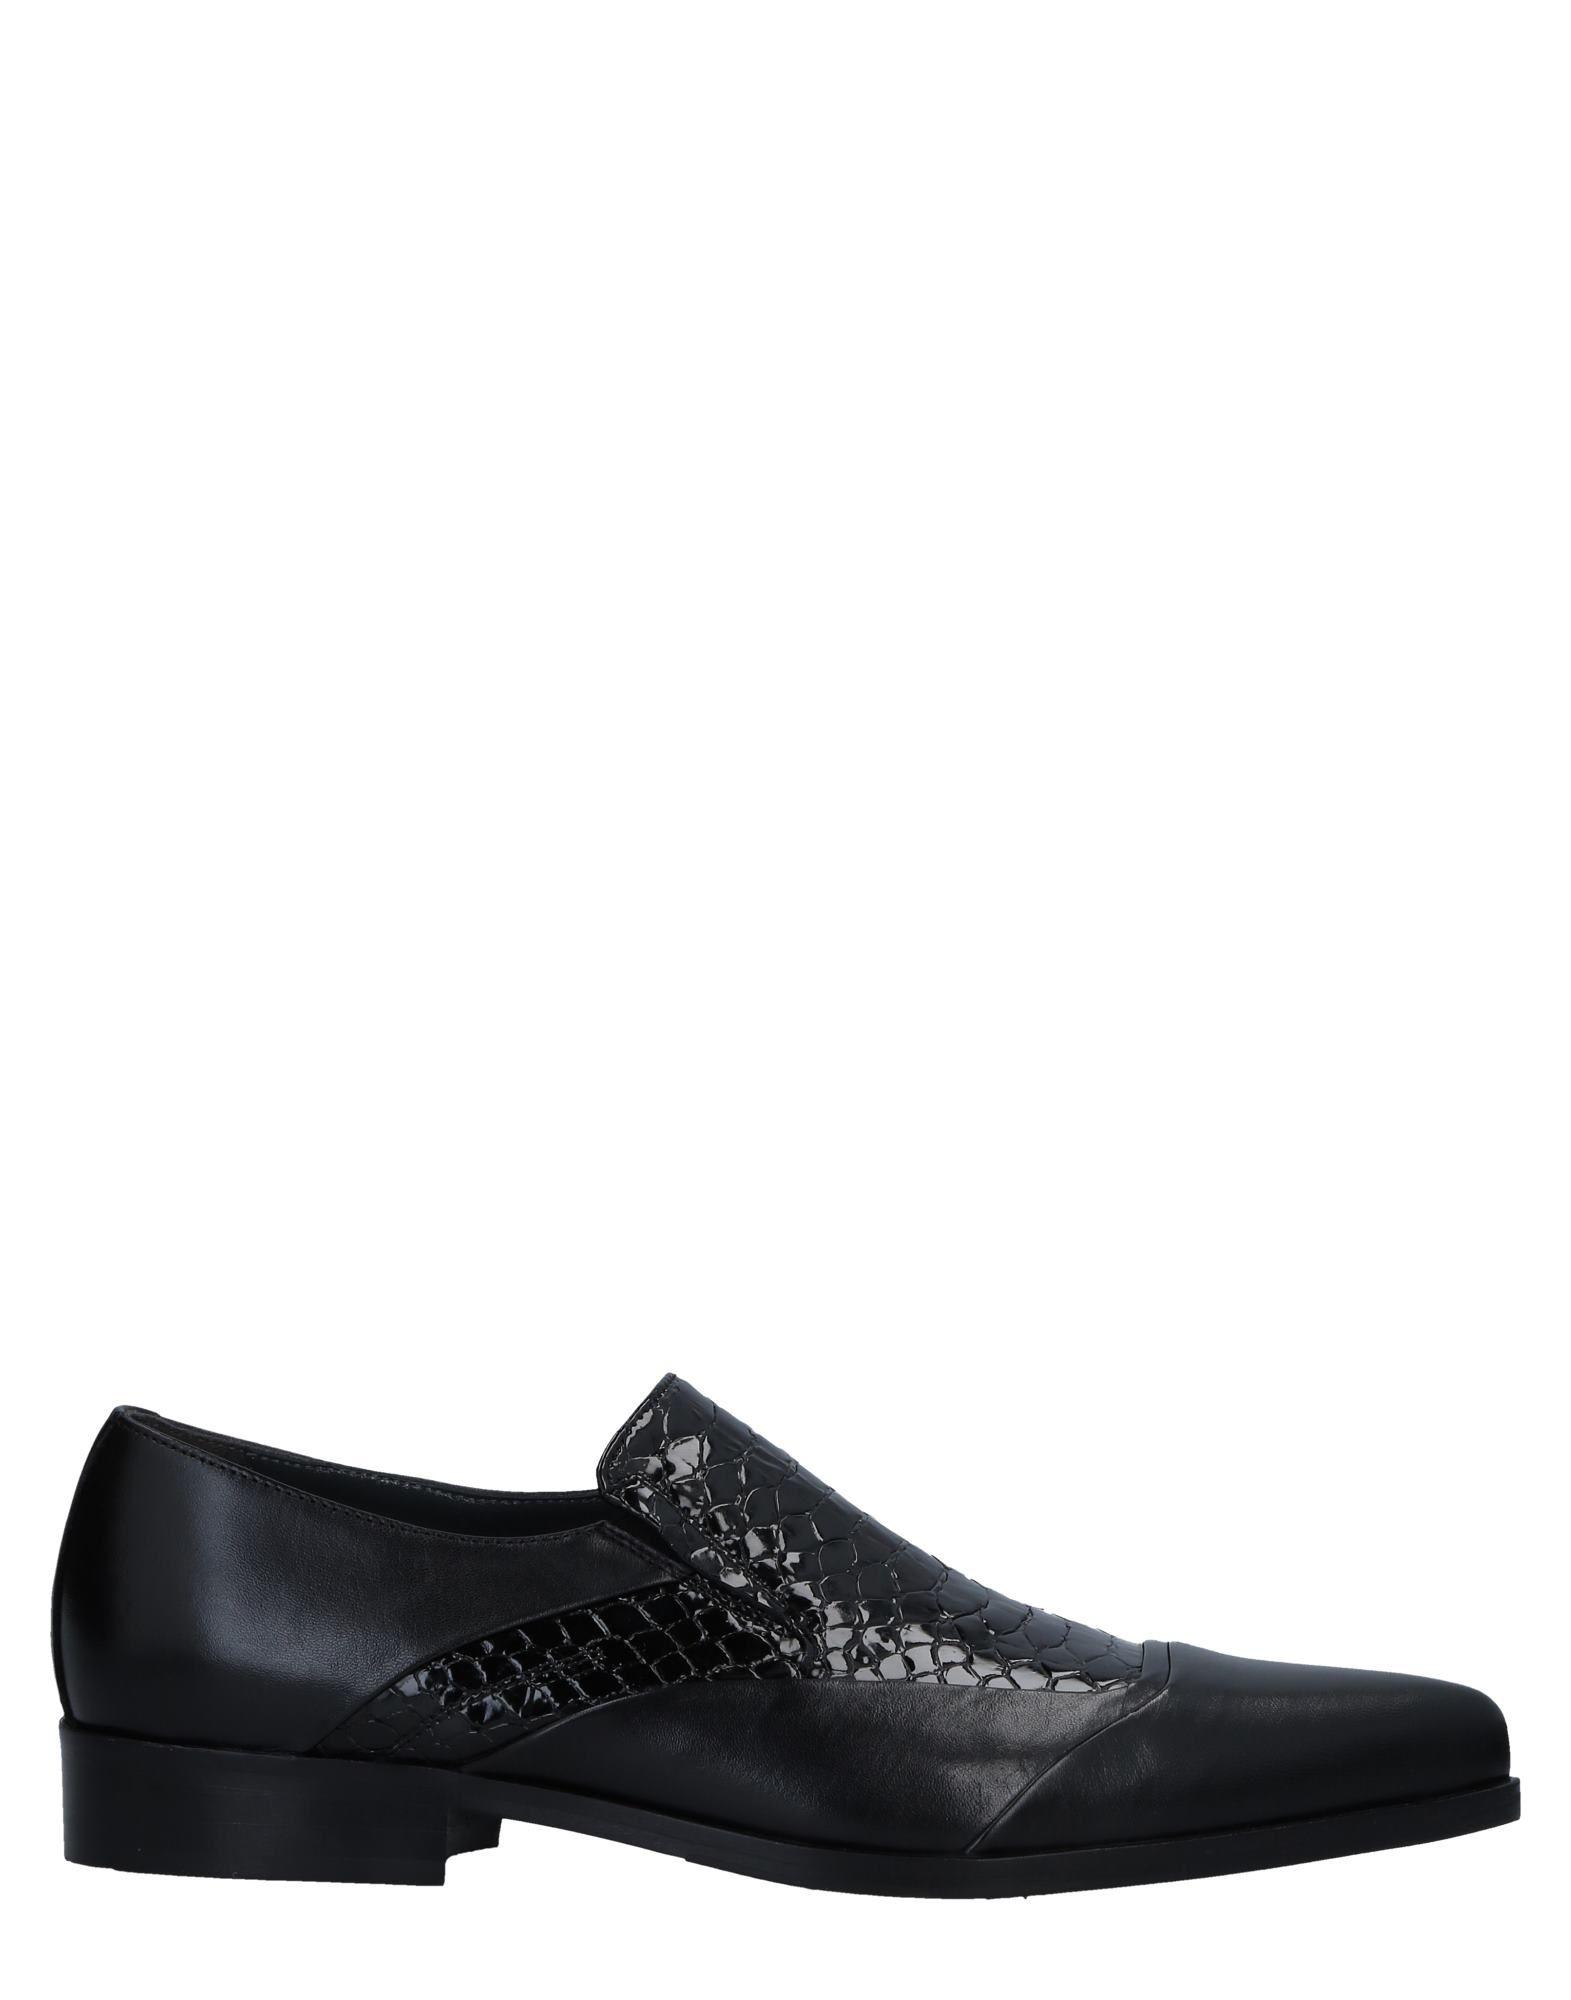 Giovanni Conti Mokassins Herren  11519574VI Gute Qualität beliebte Schuhe